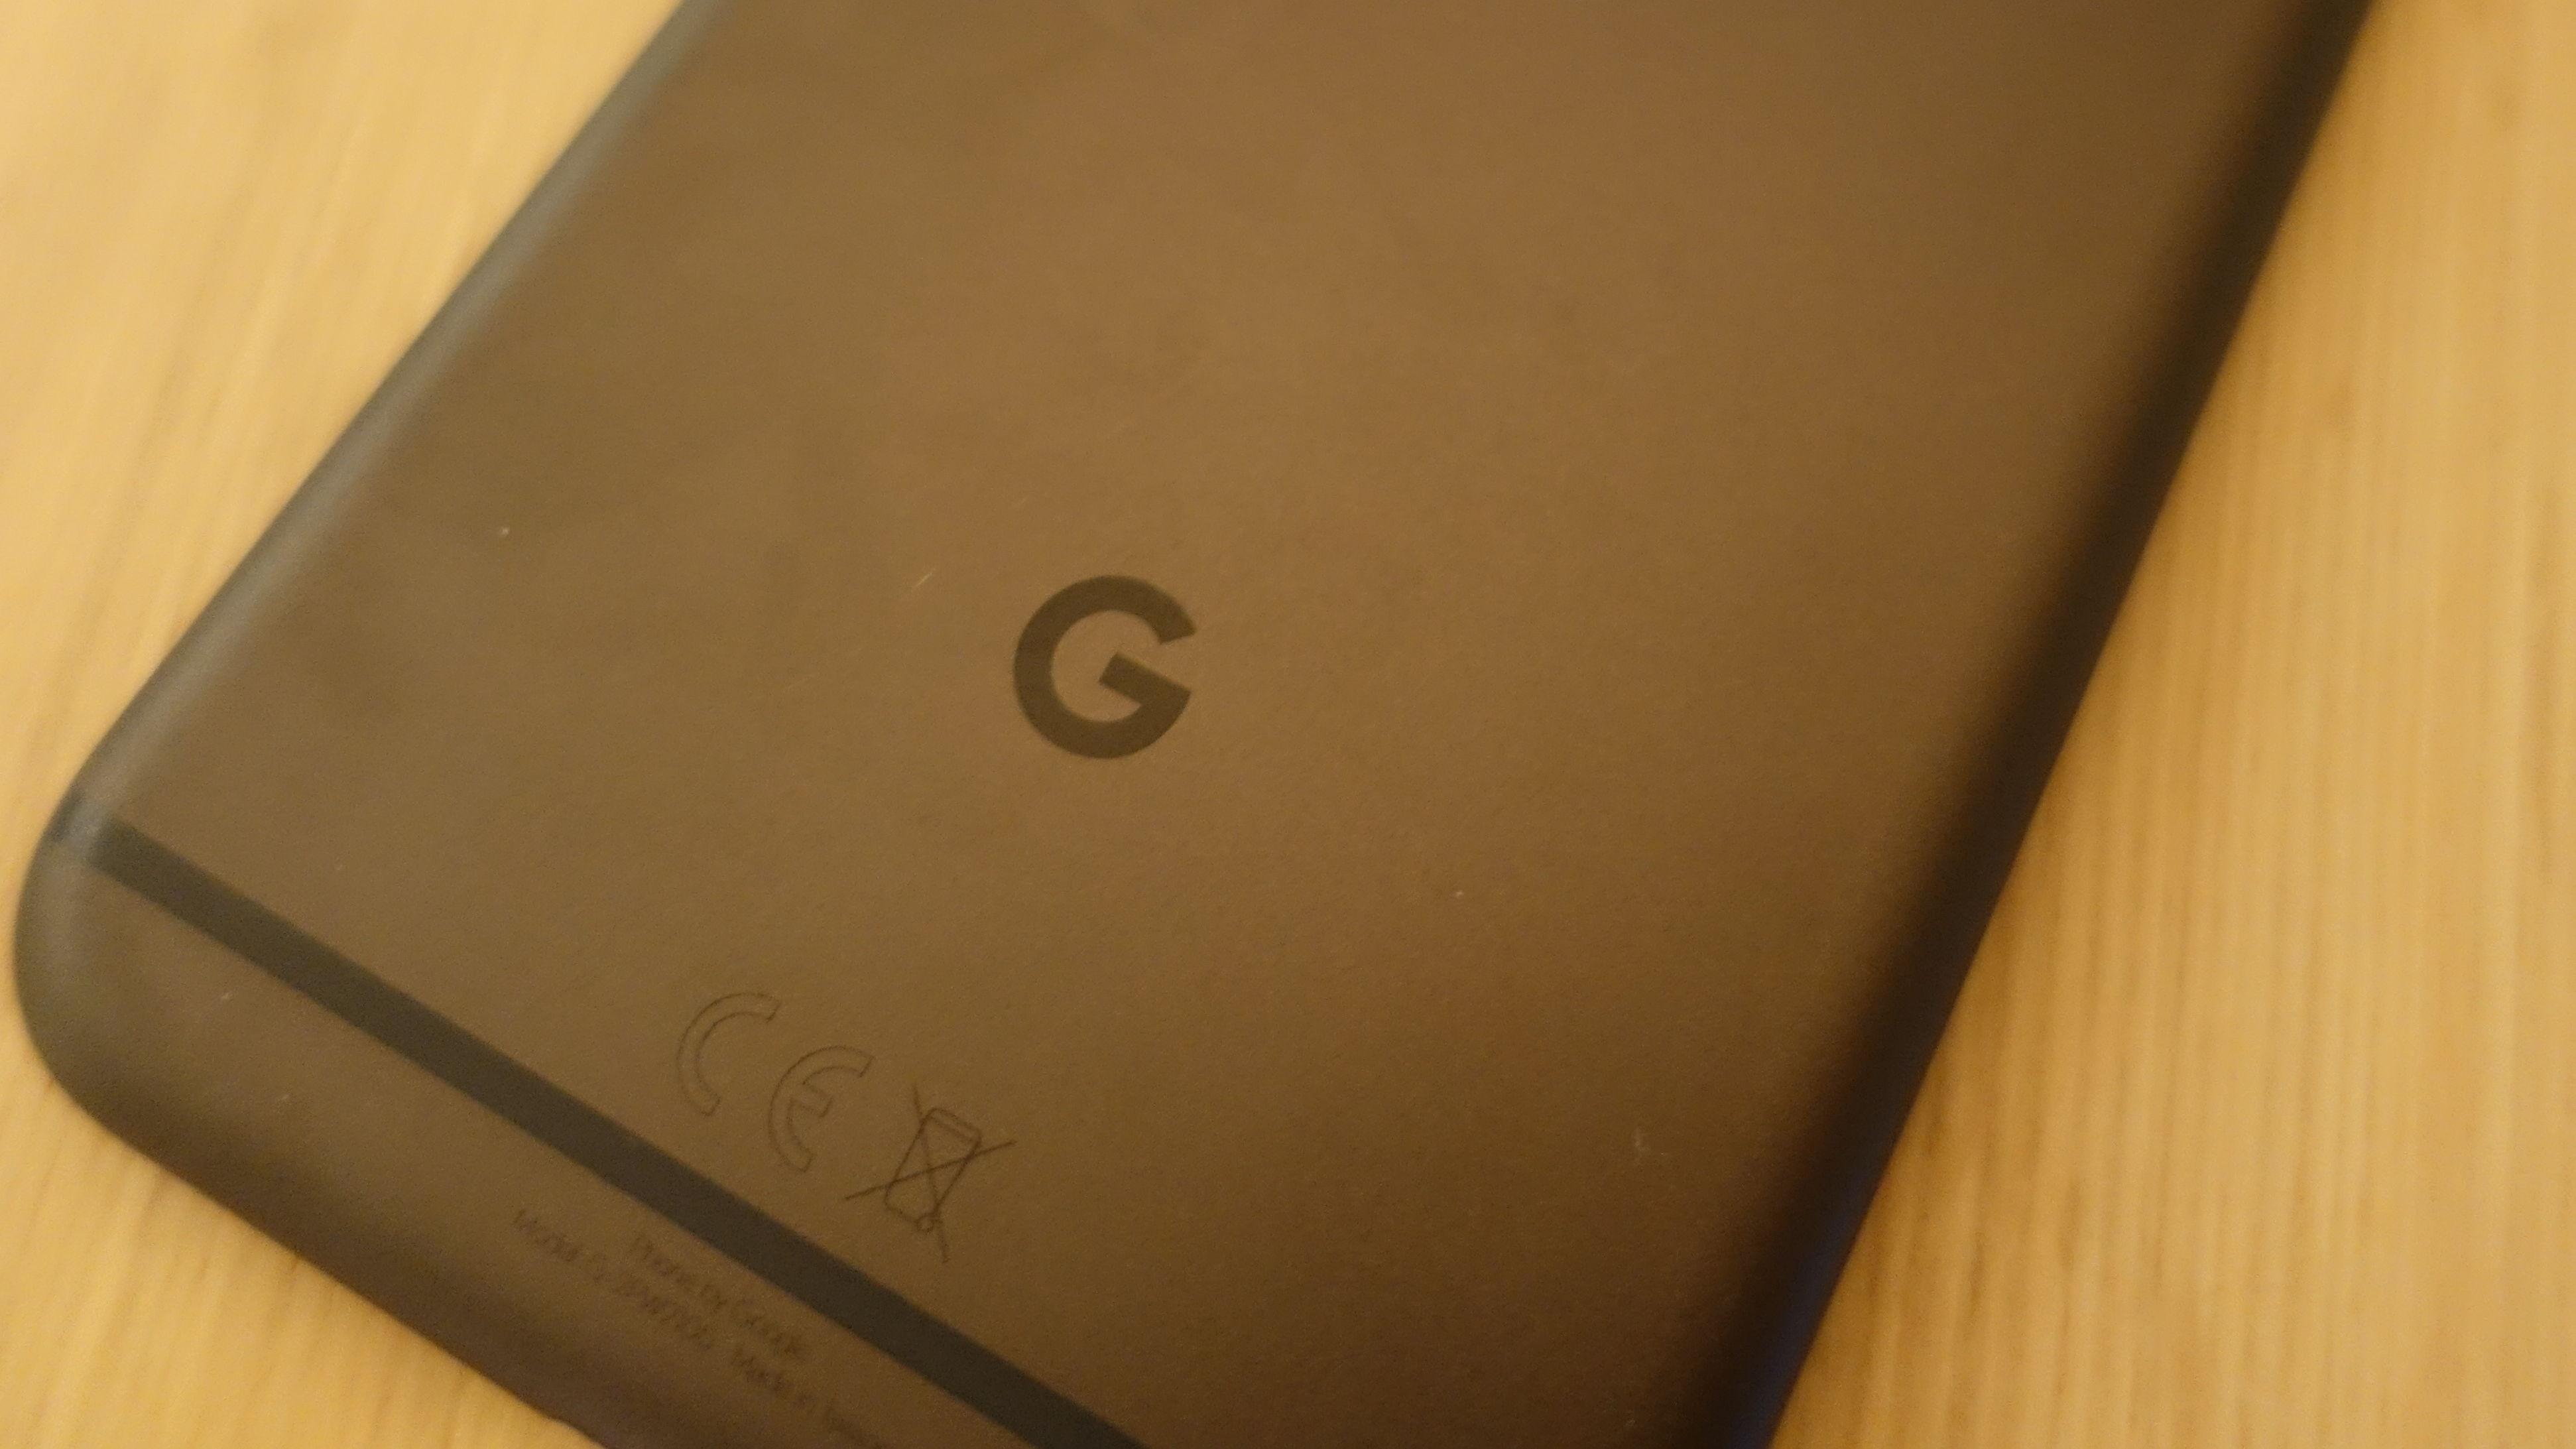 Googles salg av Pixel ser ut til å gå meget godt. Nå venter vi spent på Googles egne tall. Test kommer.